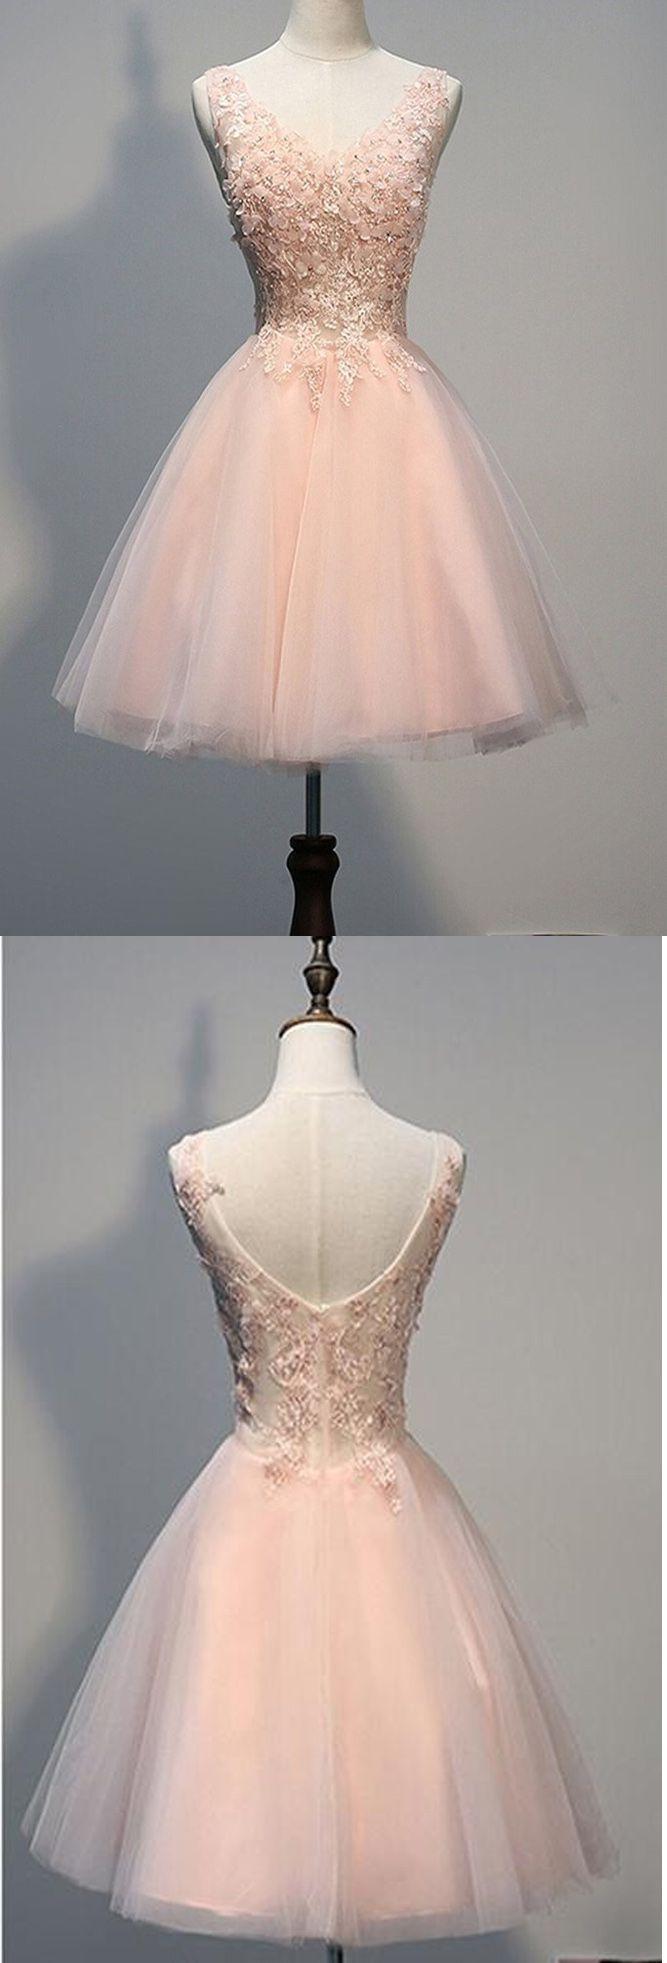 Pink tulle short prom dress for teensshortmini prom dressplus